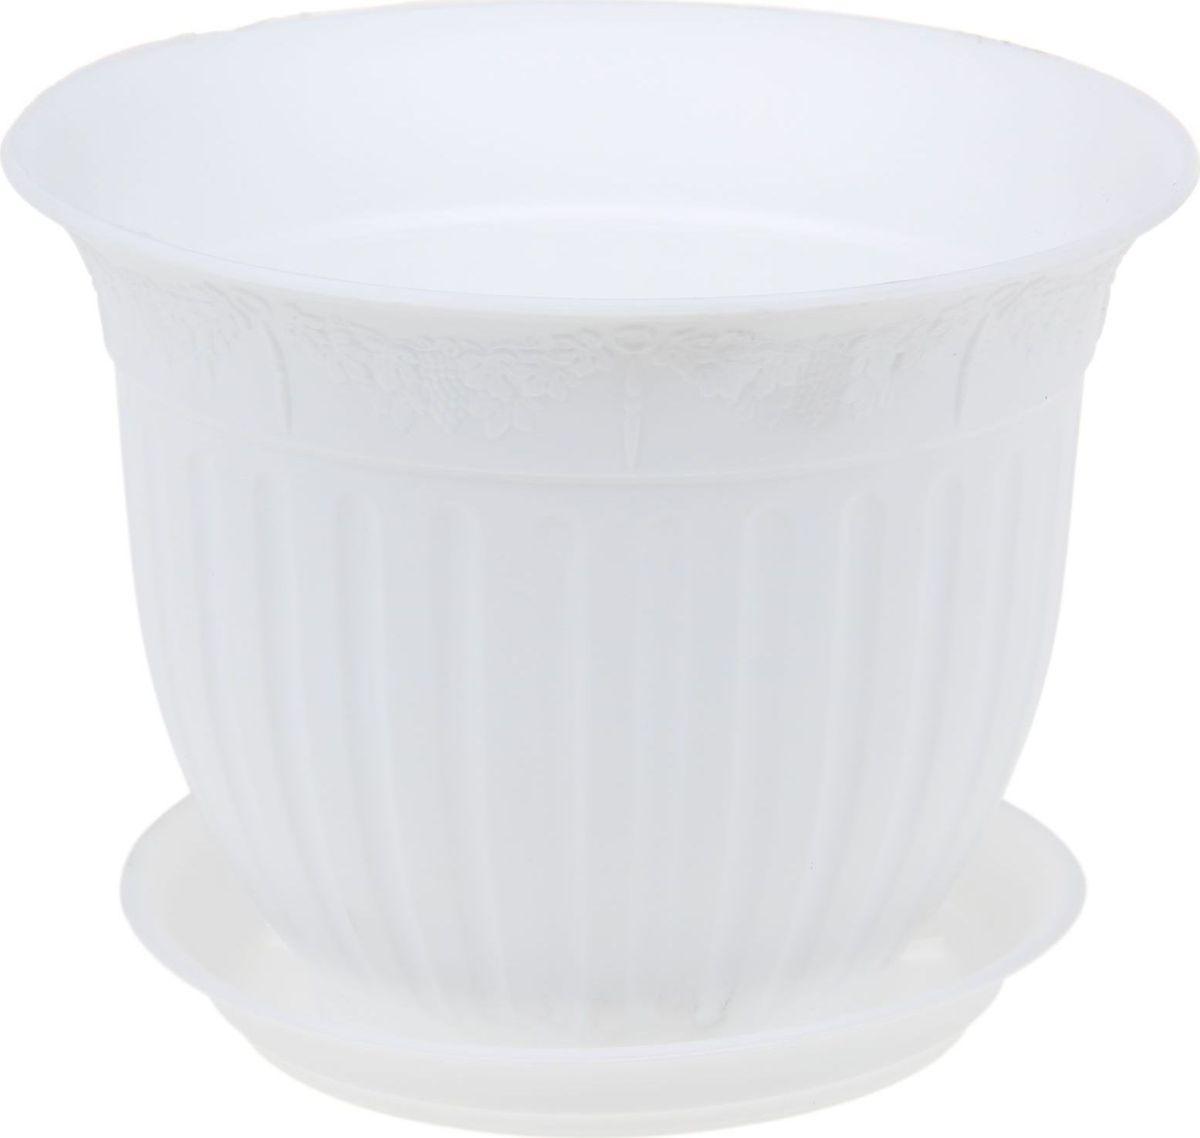 Кашпо JetPlast Виноград, с поддоном, цвет: белый, 2,25 л1295412Любой, даже самый современный и продуманный интерьер будет не завершённым без растений. Они не только очищают воздух и насыщают его кислородом, но и заметно украшают окружающее пространство. Такому полезному члену семьи просто необходимо красивое и функциональное кашпо, оригинальный горшок или необычная ваза! Вашему вниманию предлагается кашпо с поддономВиноград! Оптимальный выбор материала пластмасса!- Малый вес. С лёгкостью переносите горшки и кашпо с места на место, ставьте их на столики или полки, подвешивайте под потолок, не беспокоясь о нагрузке. - Простота ухода. Пластиковые изделия не нуждаются в специальных условиях хранения. Их легко чистить достаточно просто сполоснуть тёплой водой. - Никаких царапин. Пластиковые кашпо не царапают и не загрязняют поверхности, на которых стоят. - Пластик дольше хранит влагу, а значит растение реже нуждается в поливе. - Пластмасса не пропускает воздух корневой системе растения не грозят резкие перепады температур. - Огромный выбор форм, декора и расцветок вы без труда подберёте что-то, что идеально впишется в уже существующий интерьер. Соблюдая нехитрые правила ухода, вы можете заметно продлить срок службы горшков, вазонов и кашпо из пластика: - всегда учитывайте размер кроны и корневой системы растения (при разрастании большое растение способно повредить маленький горшок)- берегите изделие от воздействия прямых солнечных лучей, чтобы кашпо и горшки не выцветали- держите кашпо и горшки из пластика подальше от нагревающихся поверхностей. Создавайте прекрасные цветочные композиции, выращивайте рассаду или необычные растения, а низкие цены позволят вам не ограничивать себя в выборе.